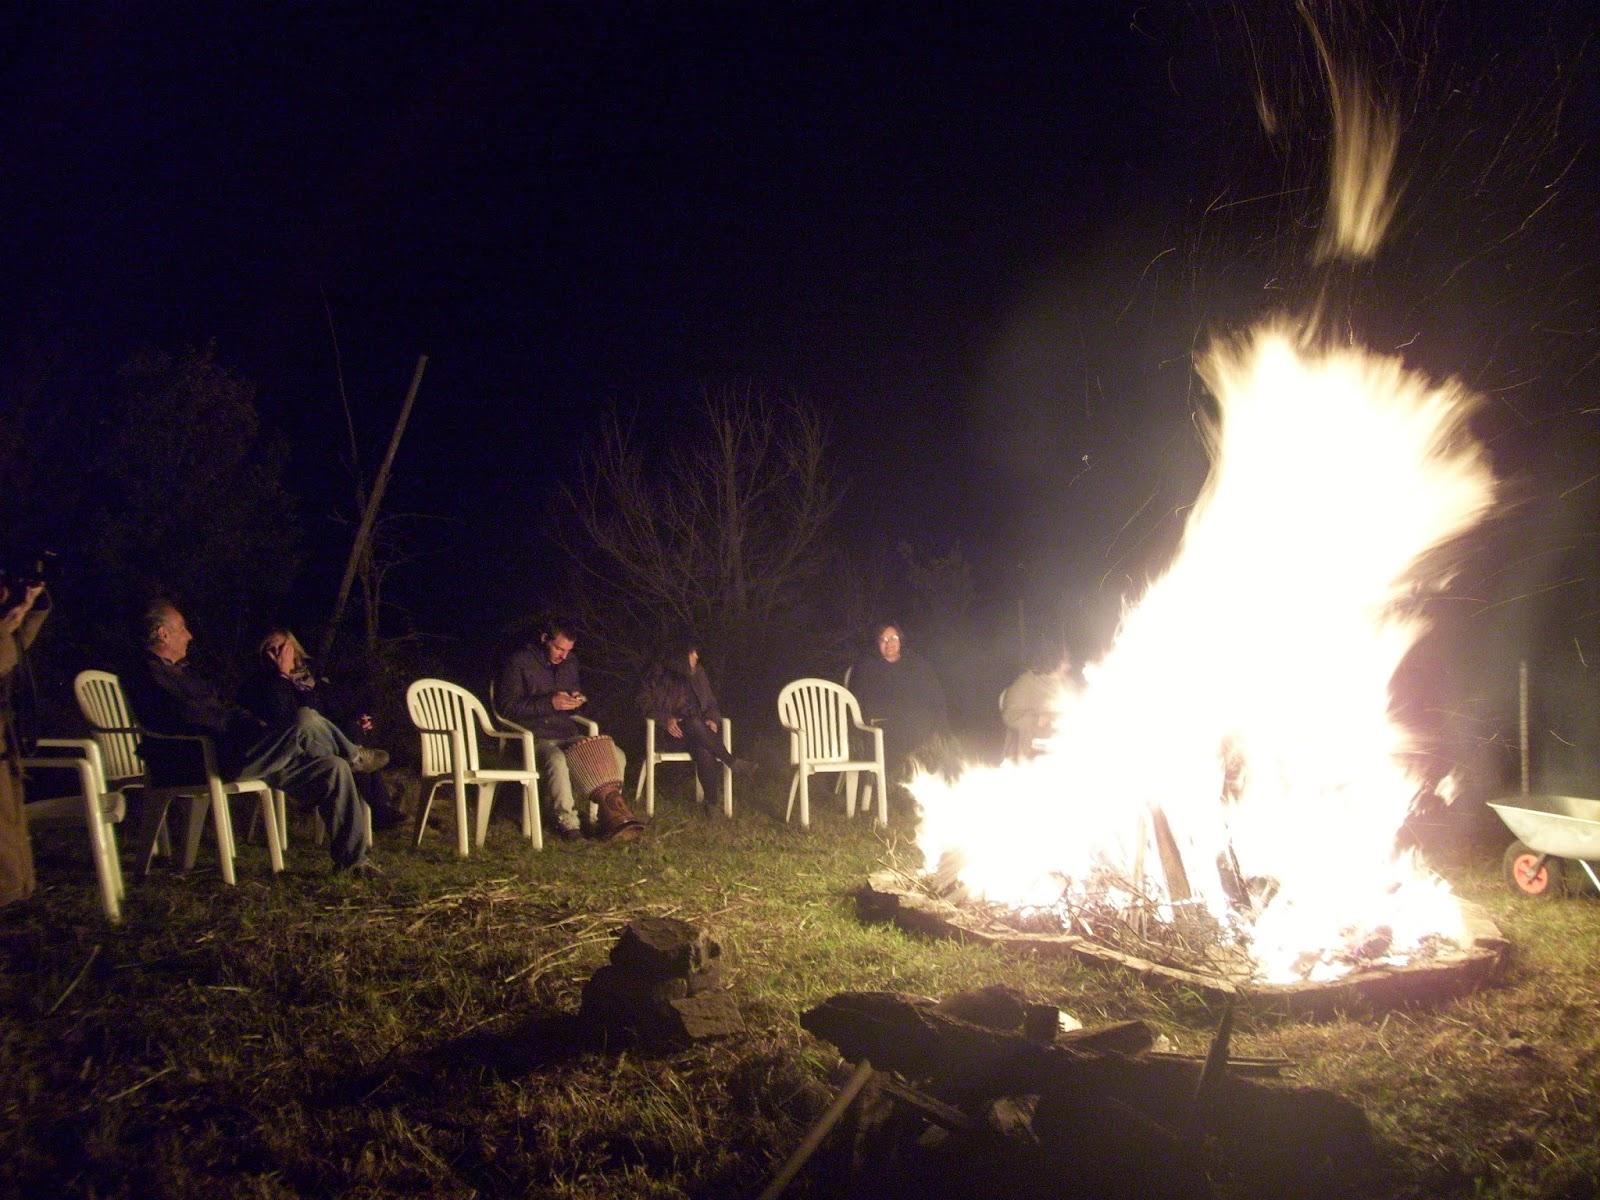 Le fiamme del falò ci riscaldano